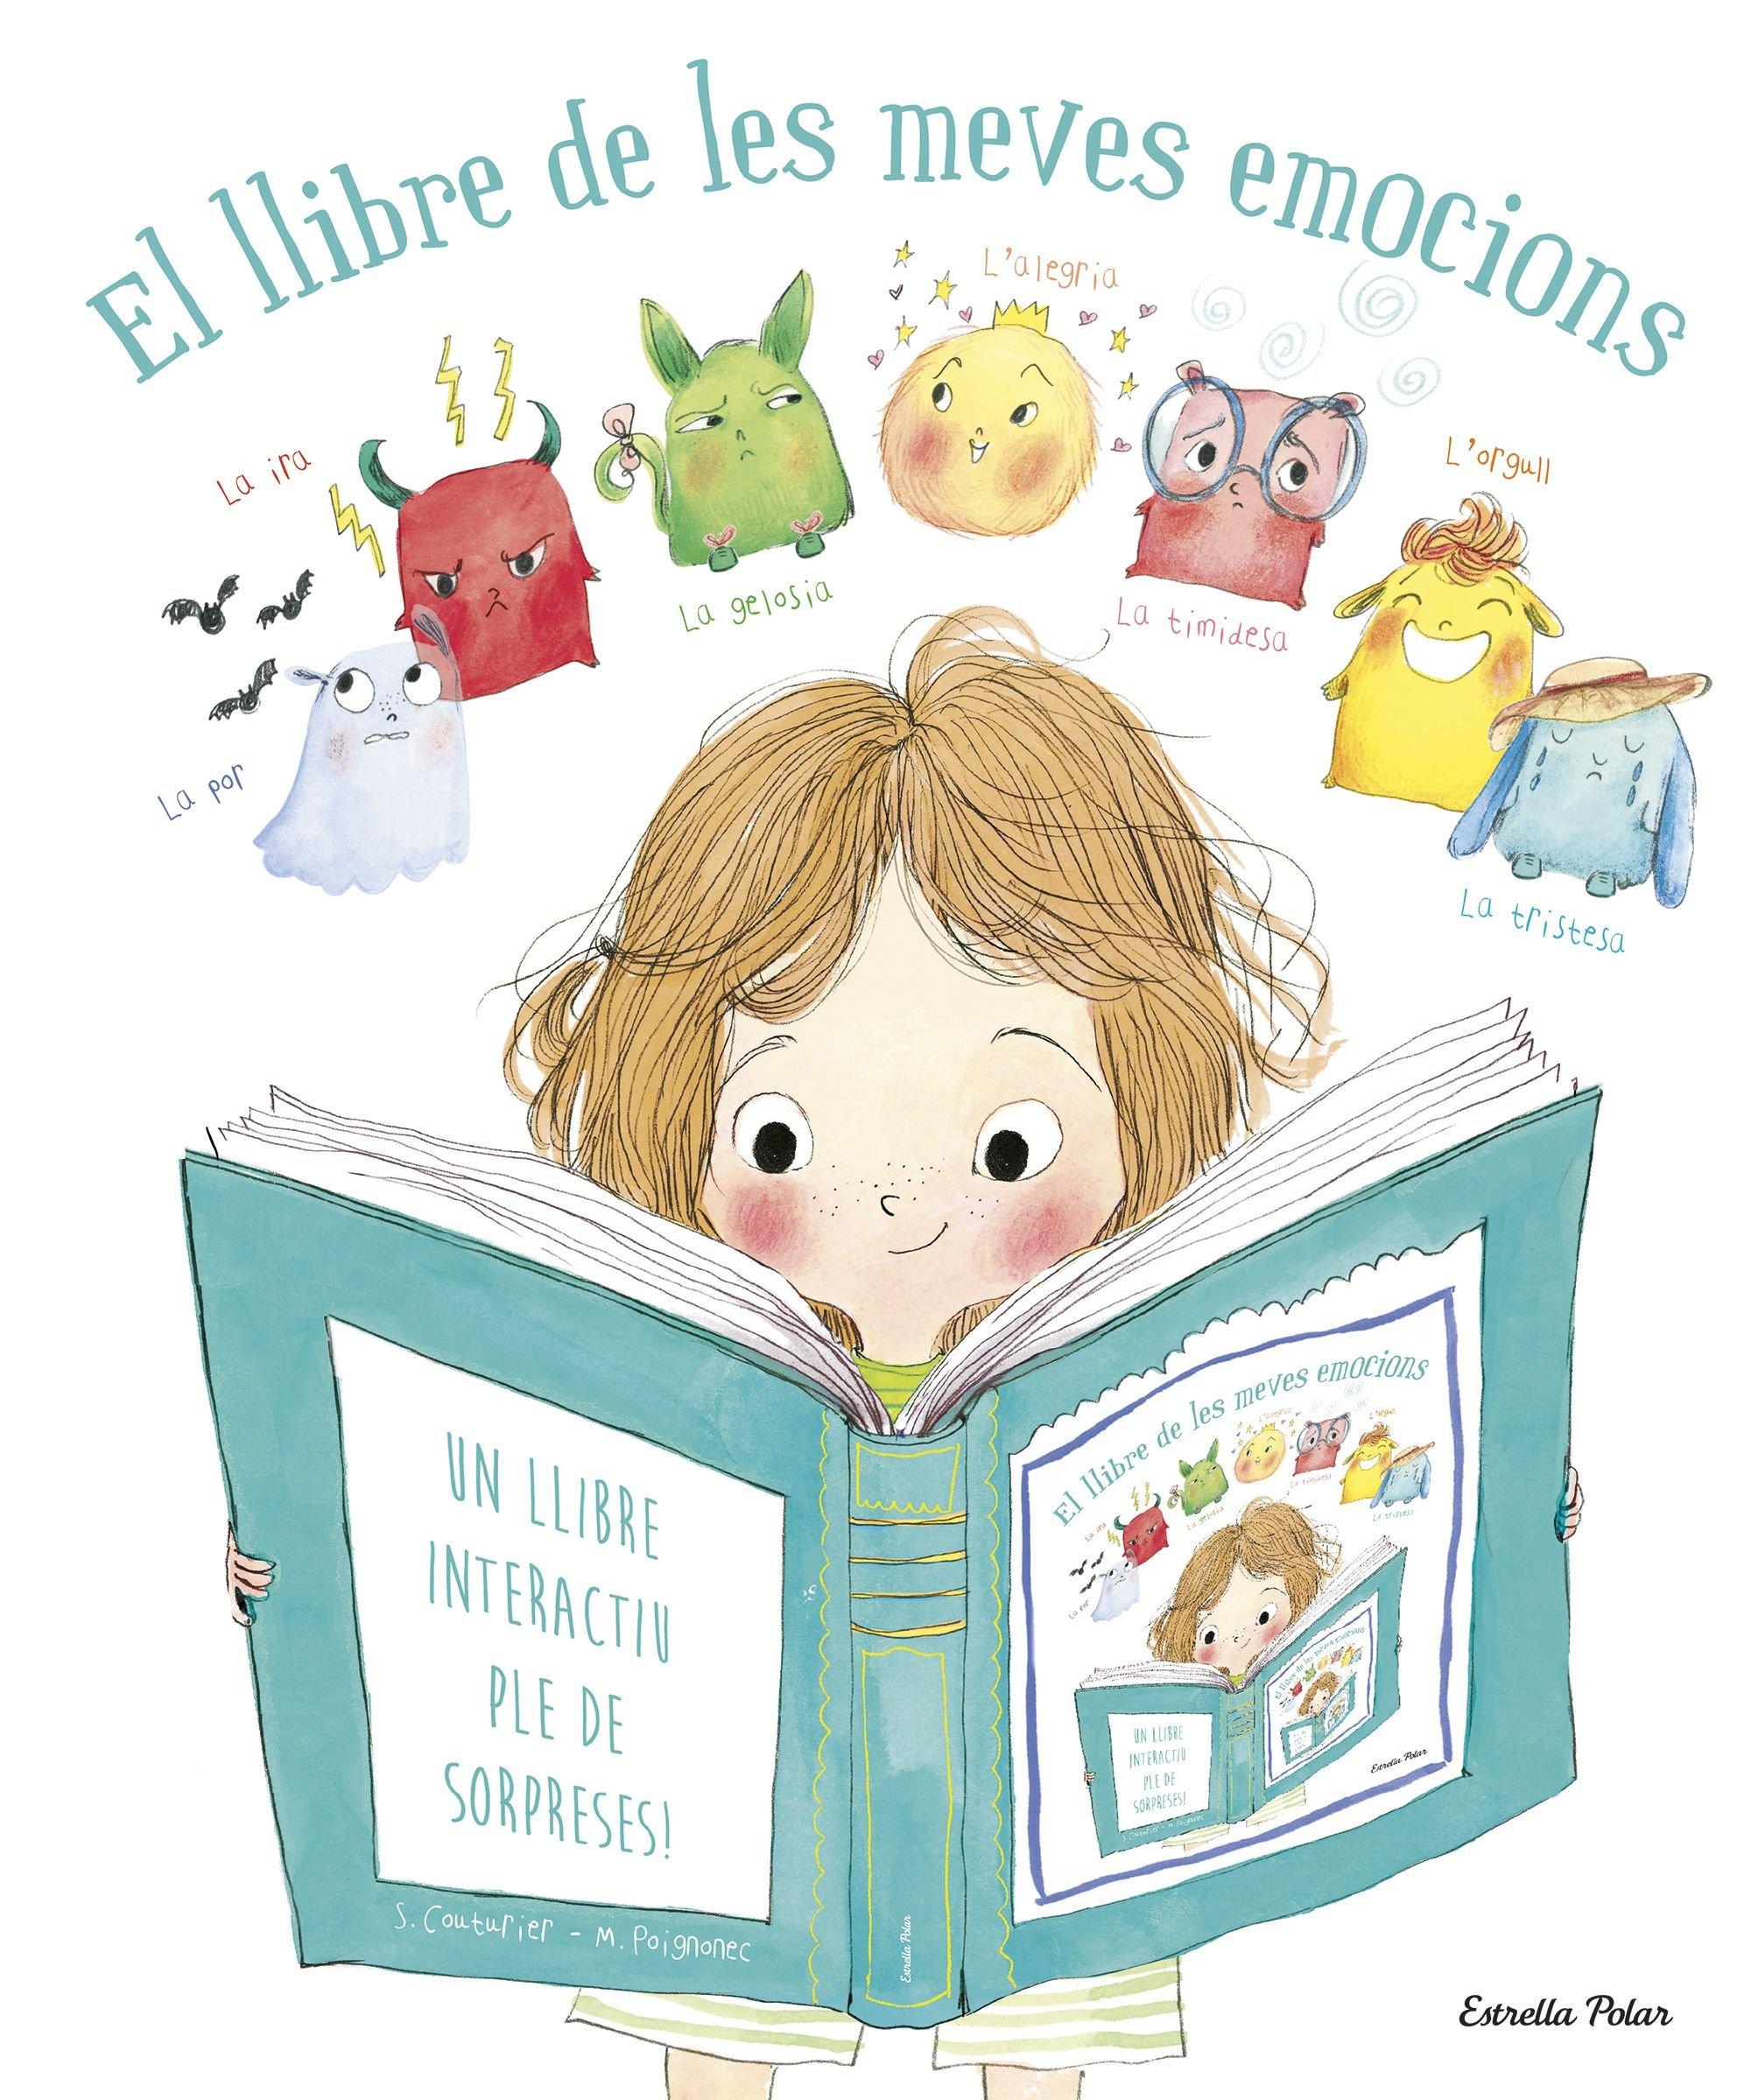 El llibre de les meves emocions: Un llibre interactiu ple de sorpreses! La Lluna de Paper: Amazon.es: Couturier, Stephanie, Poignonec, Maurèen, Grup 62: Libros